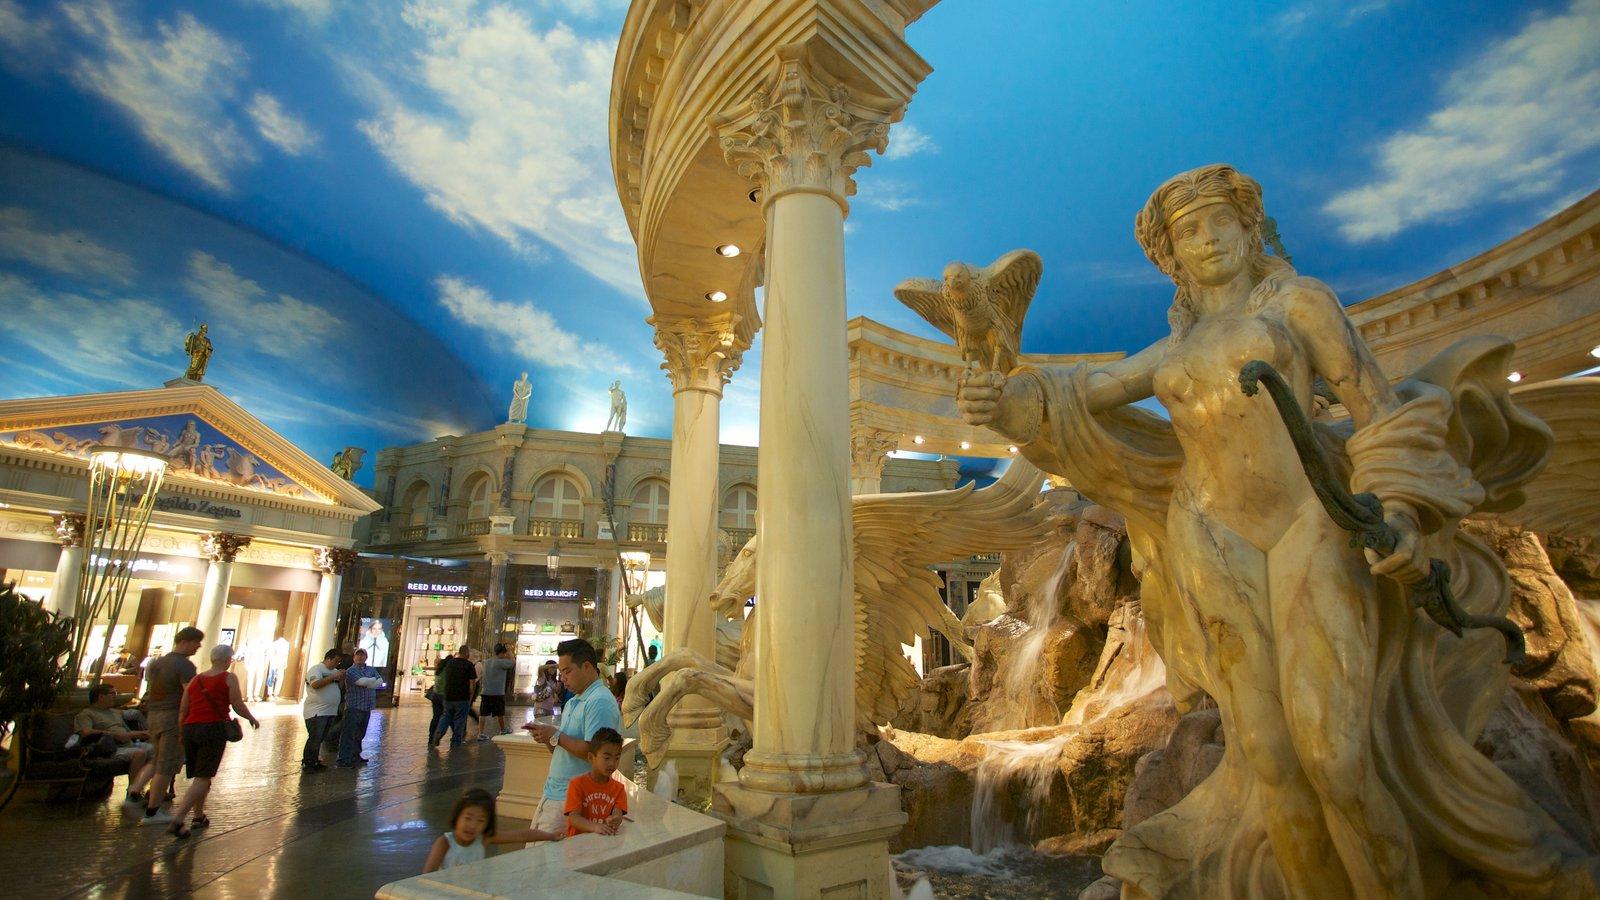 Centro comercial Forum Shops mostrando una fuente y arte al aire libre